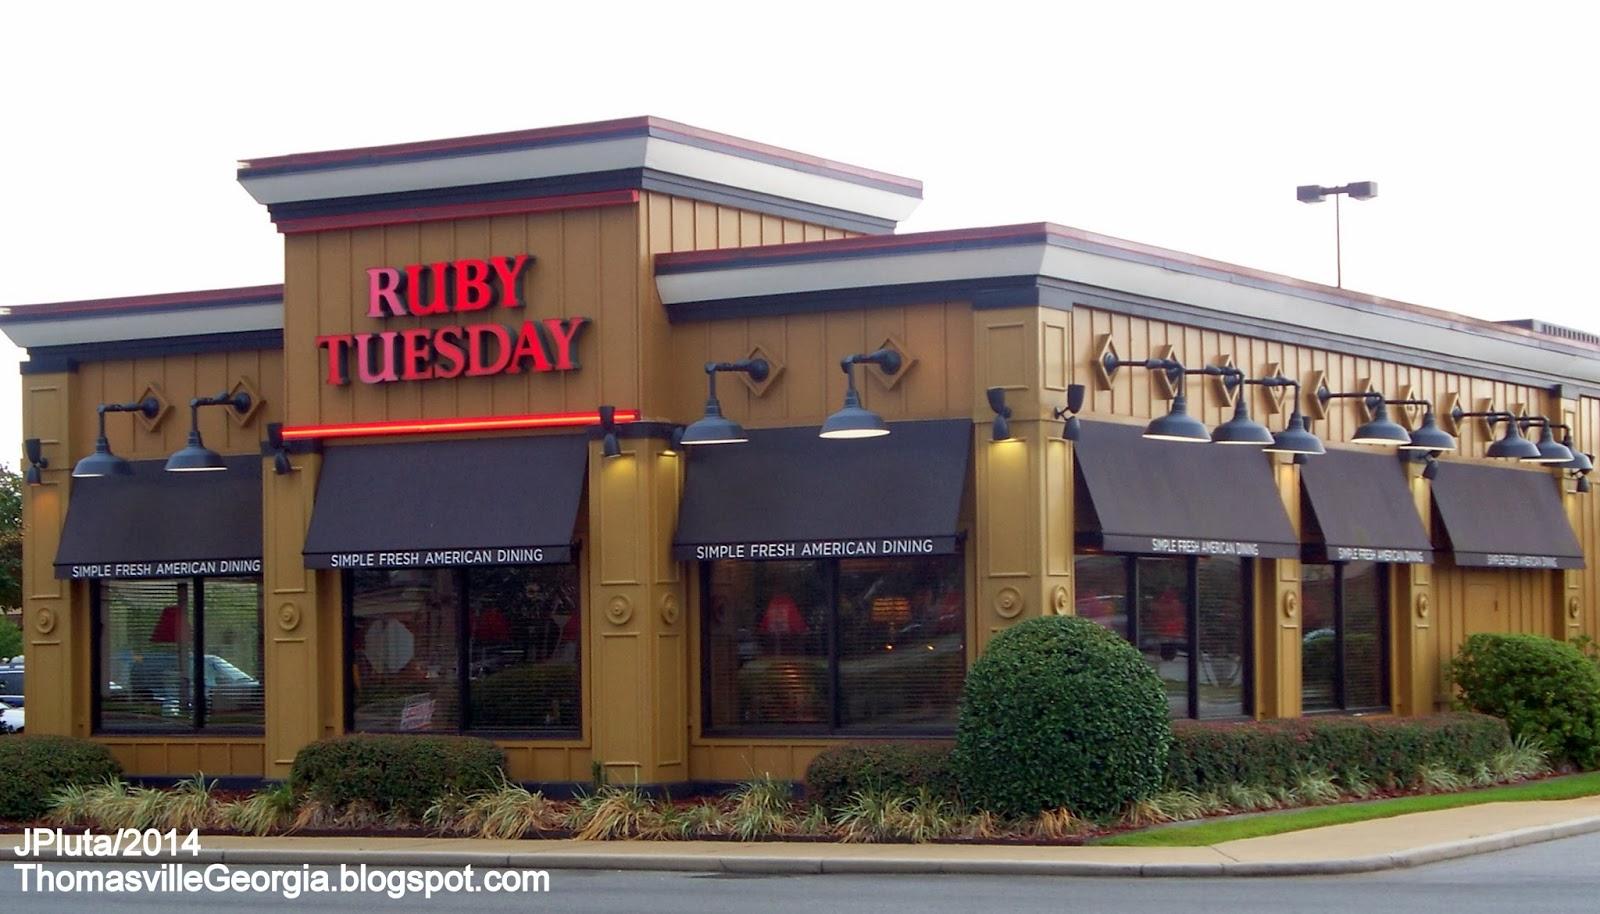 Restaurant Fast Food Menu Mcdonald S Dq Bk Hamburger Pizza